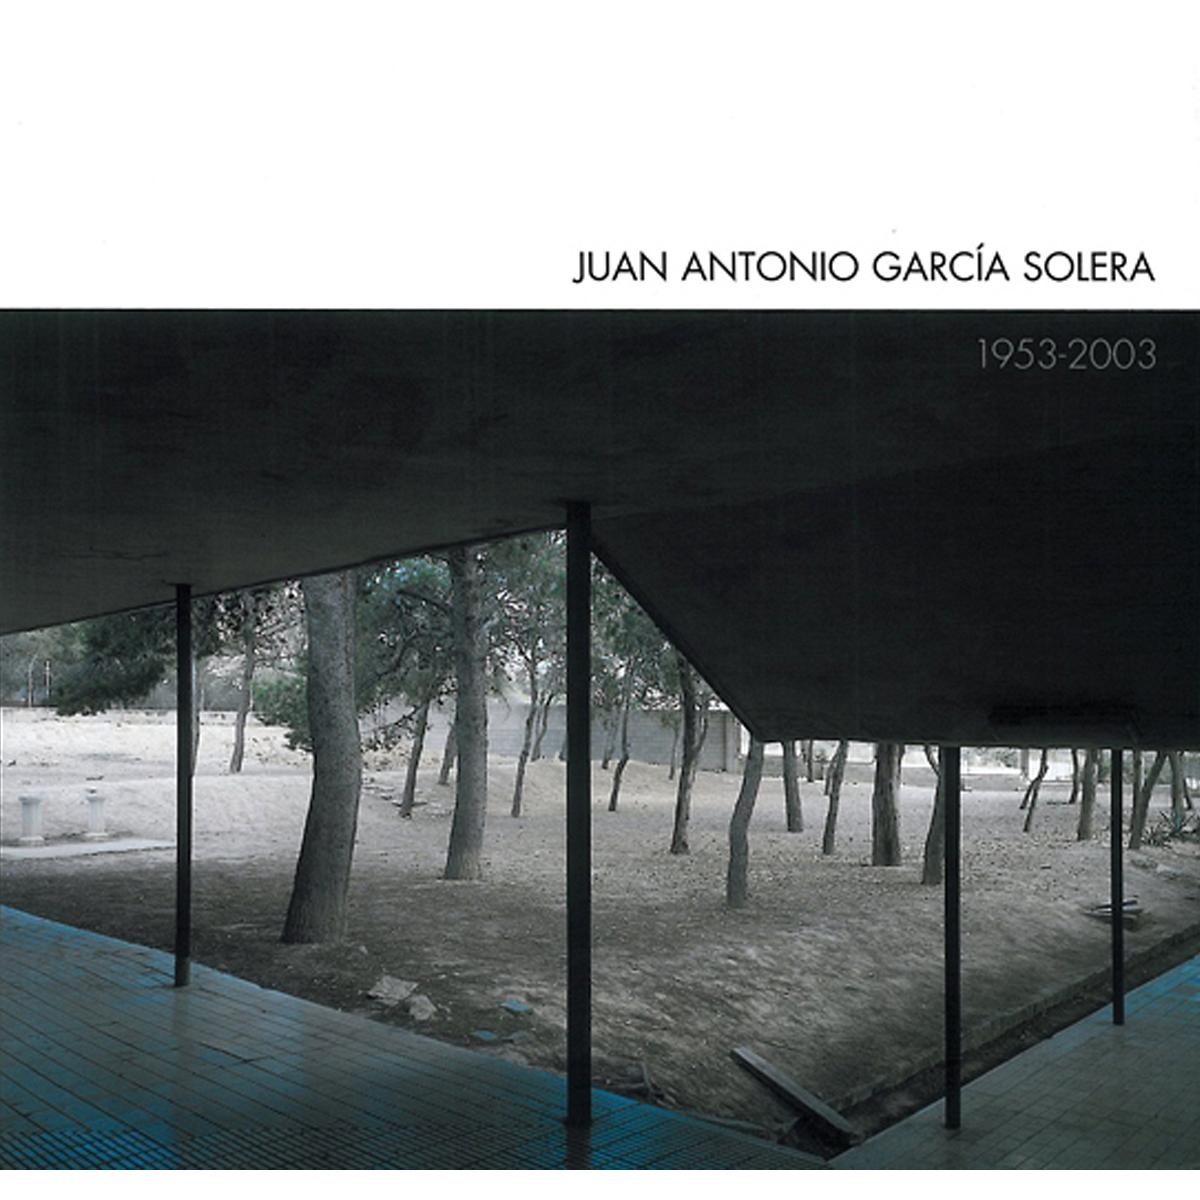 Juan Antonio García Solera